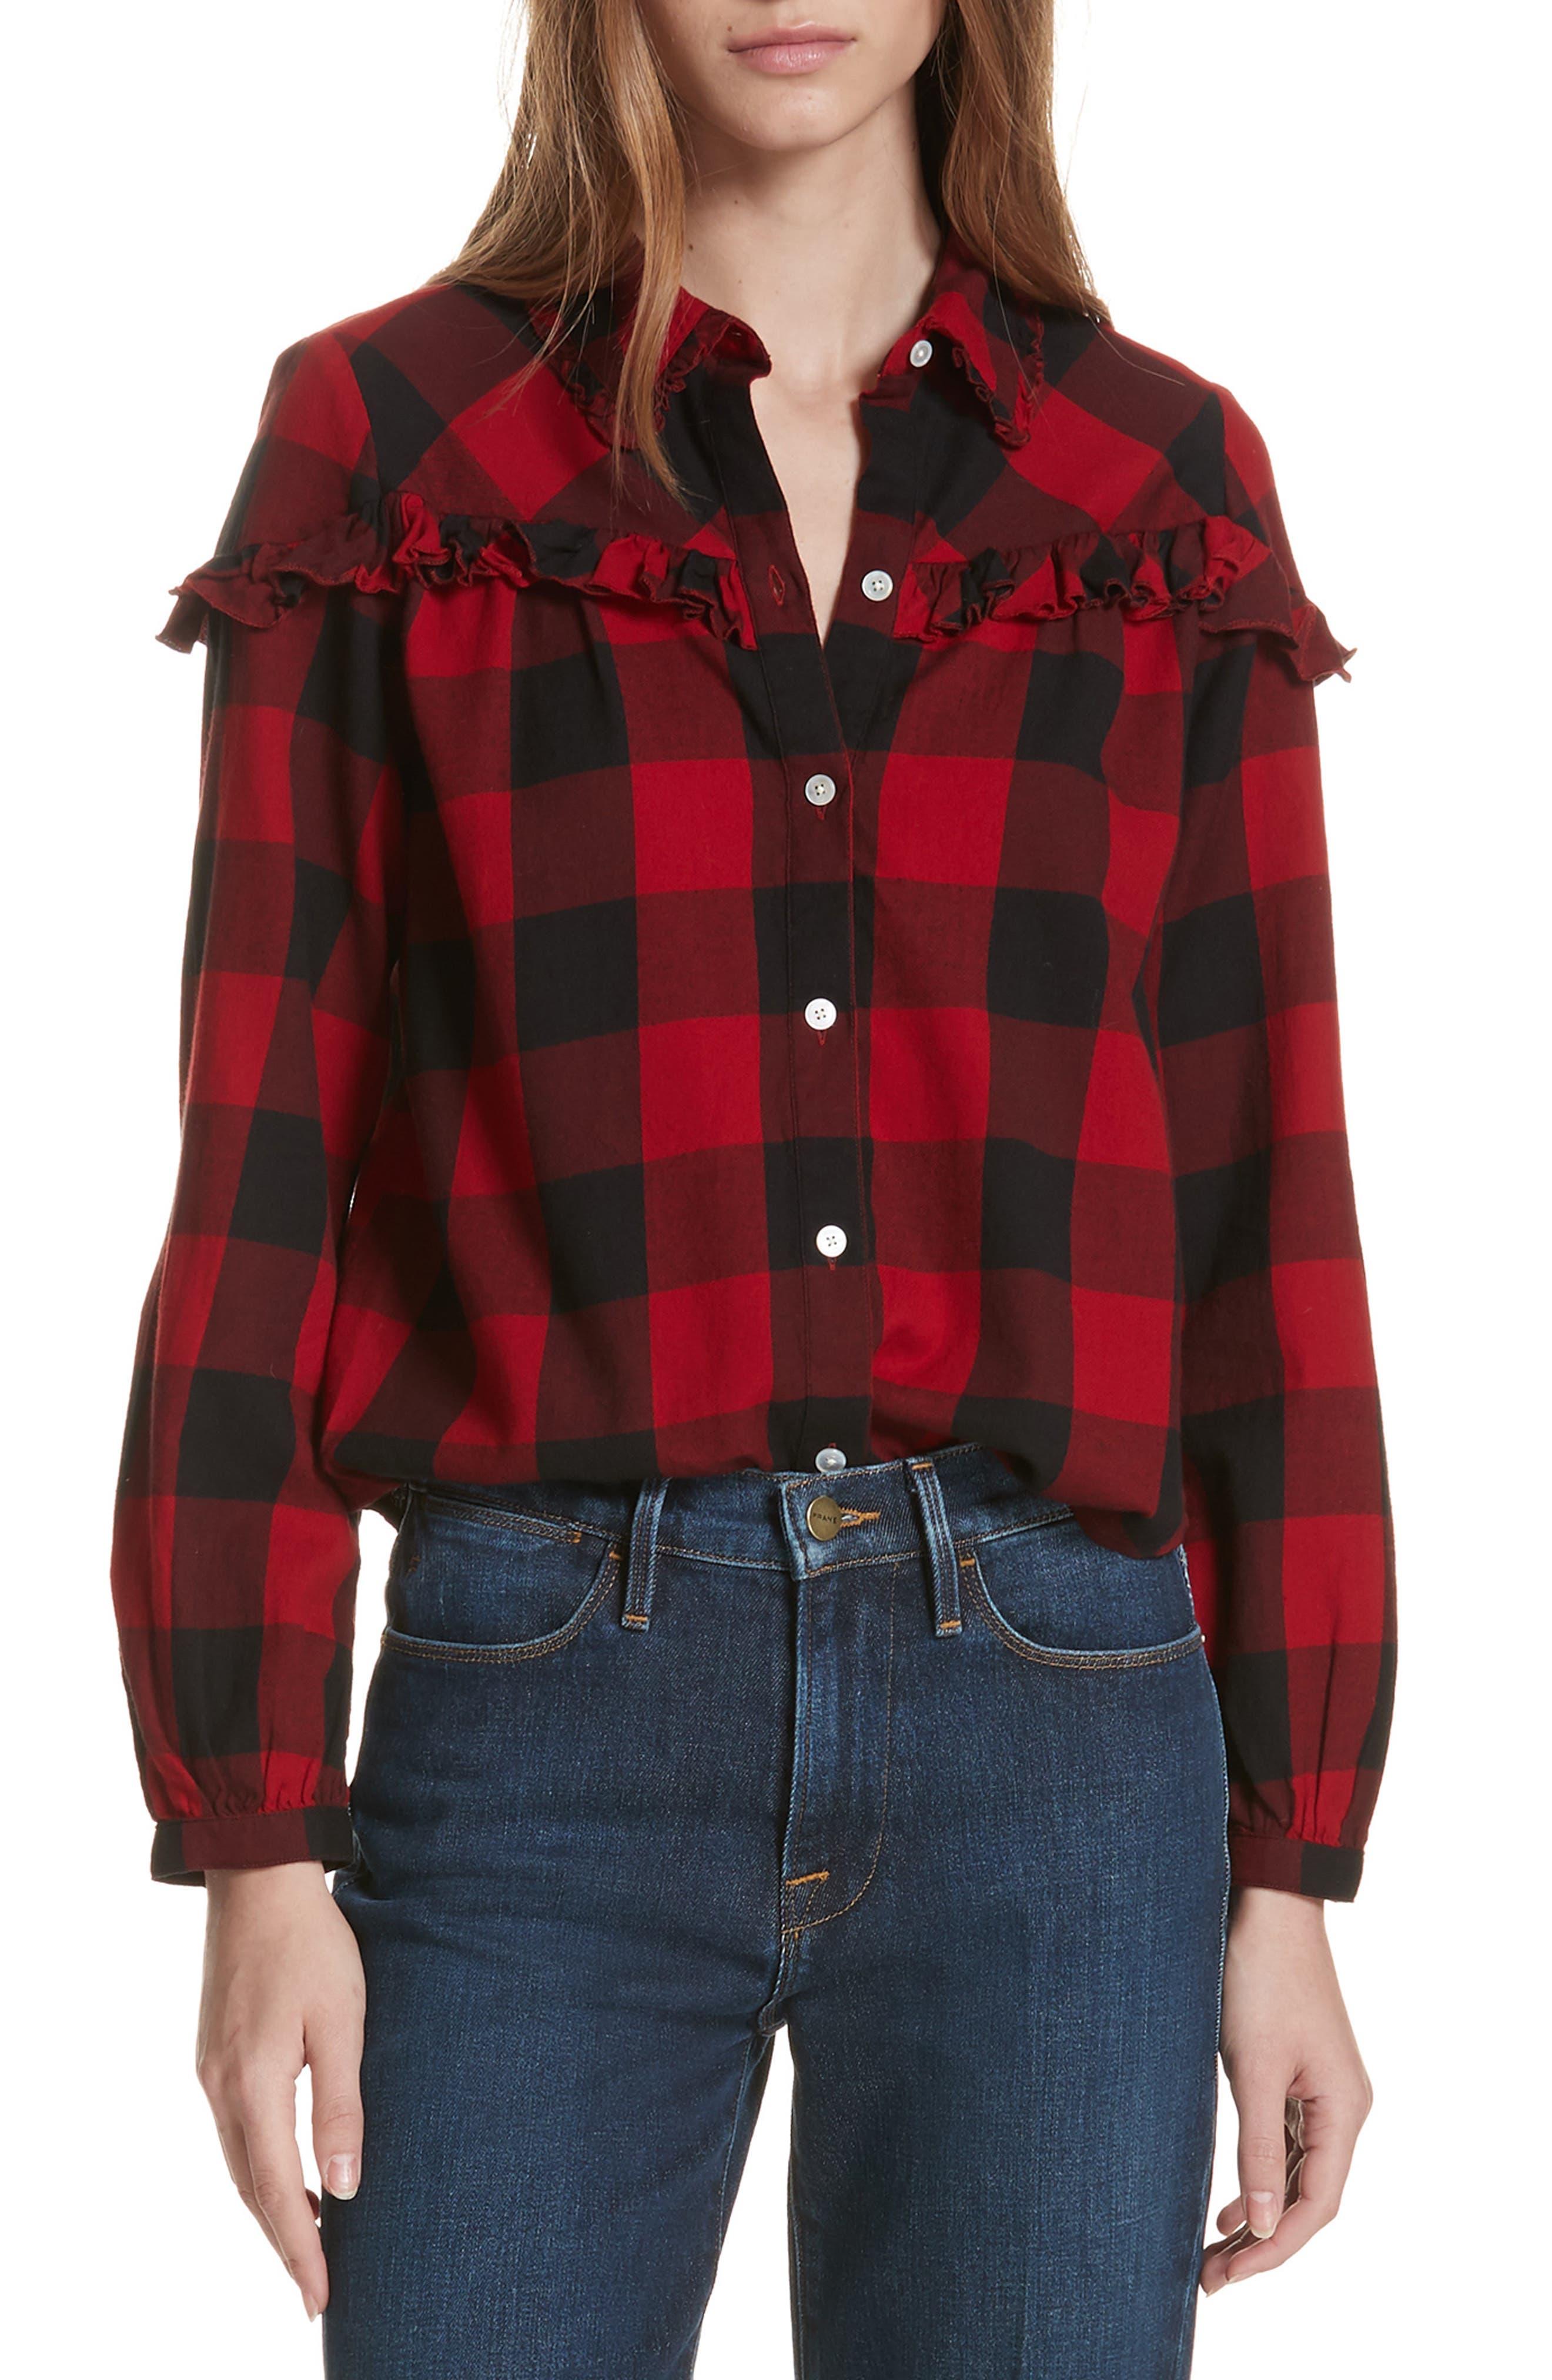 Ruffle Trim Buffalo Check Shirt in Red